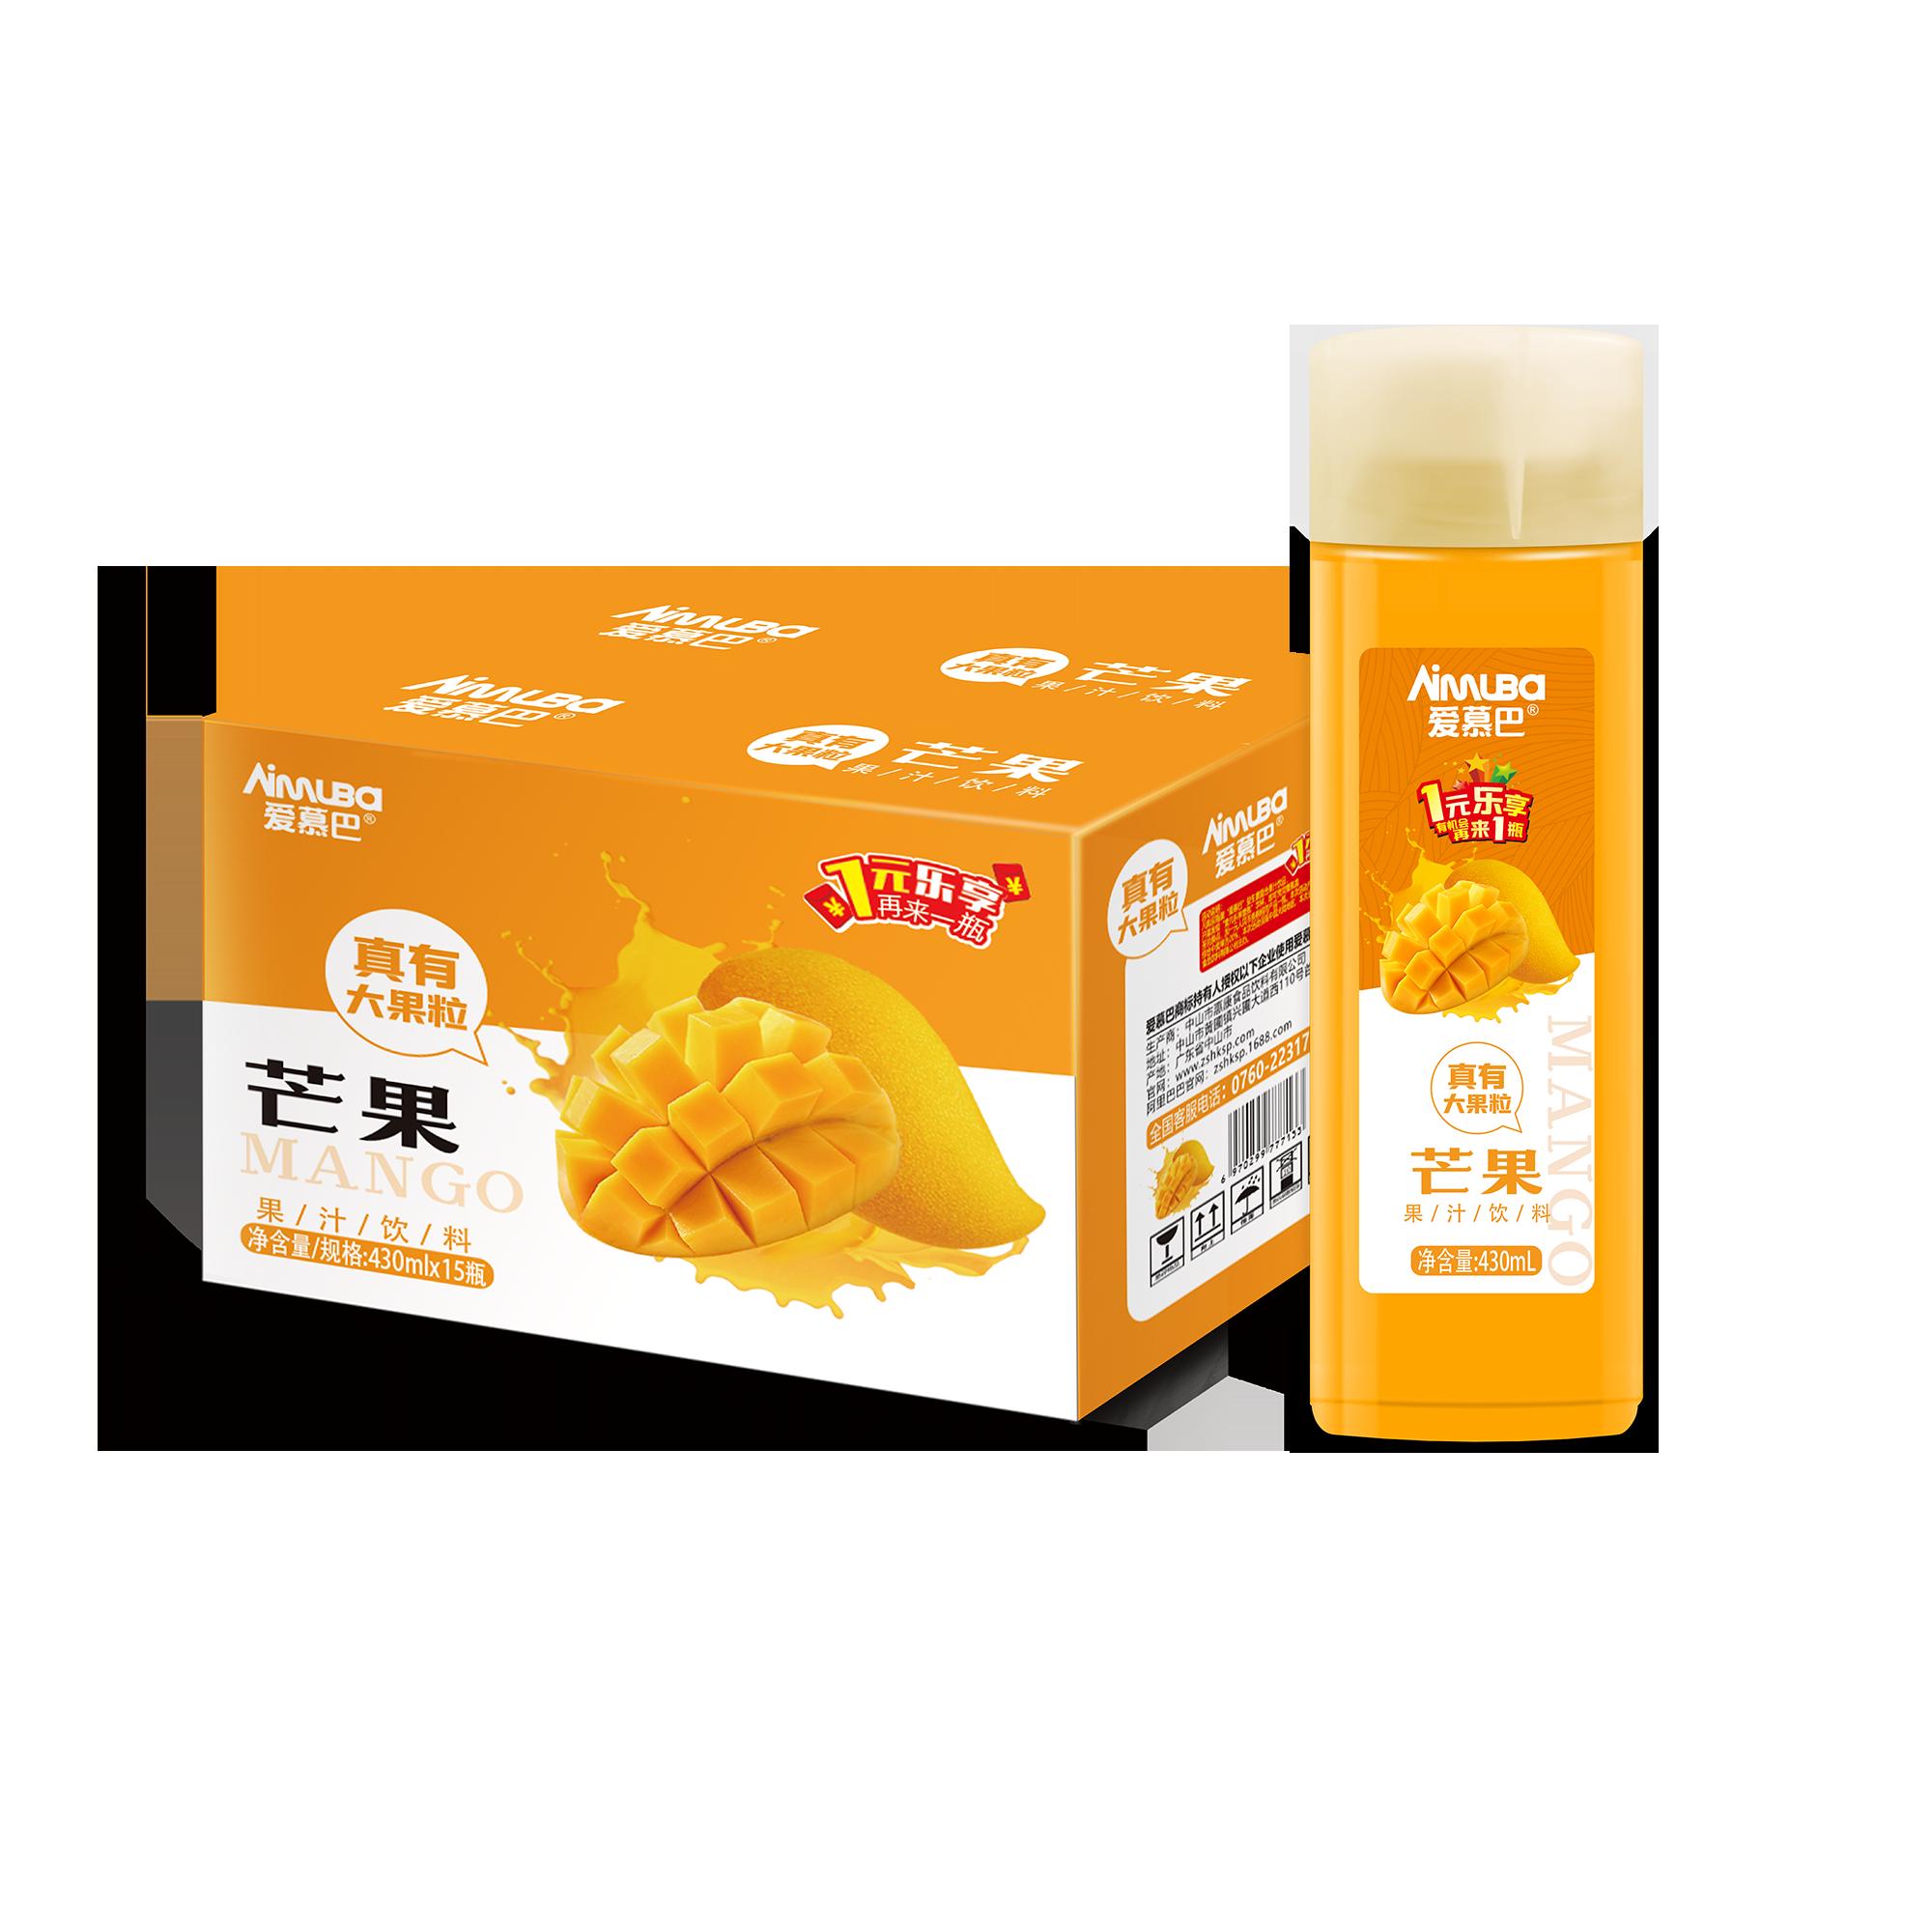 愛慕巴益生菌芒果汁